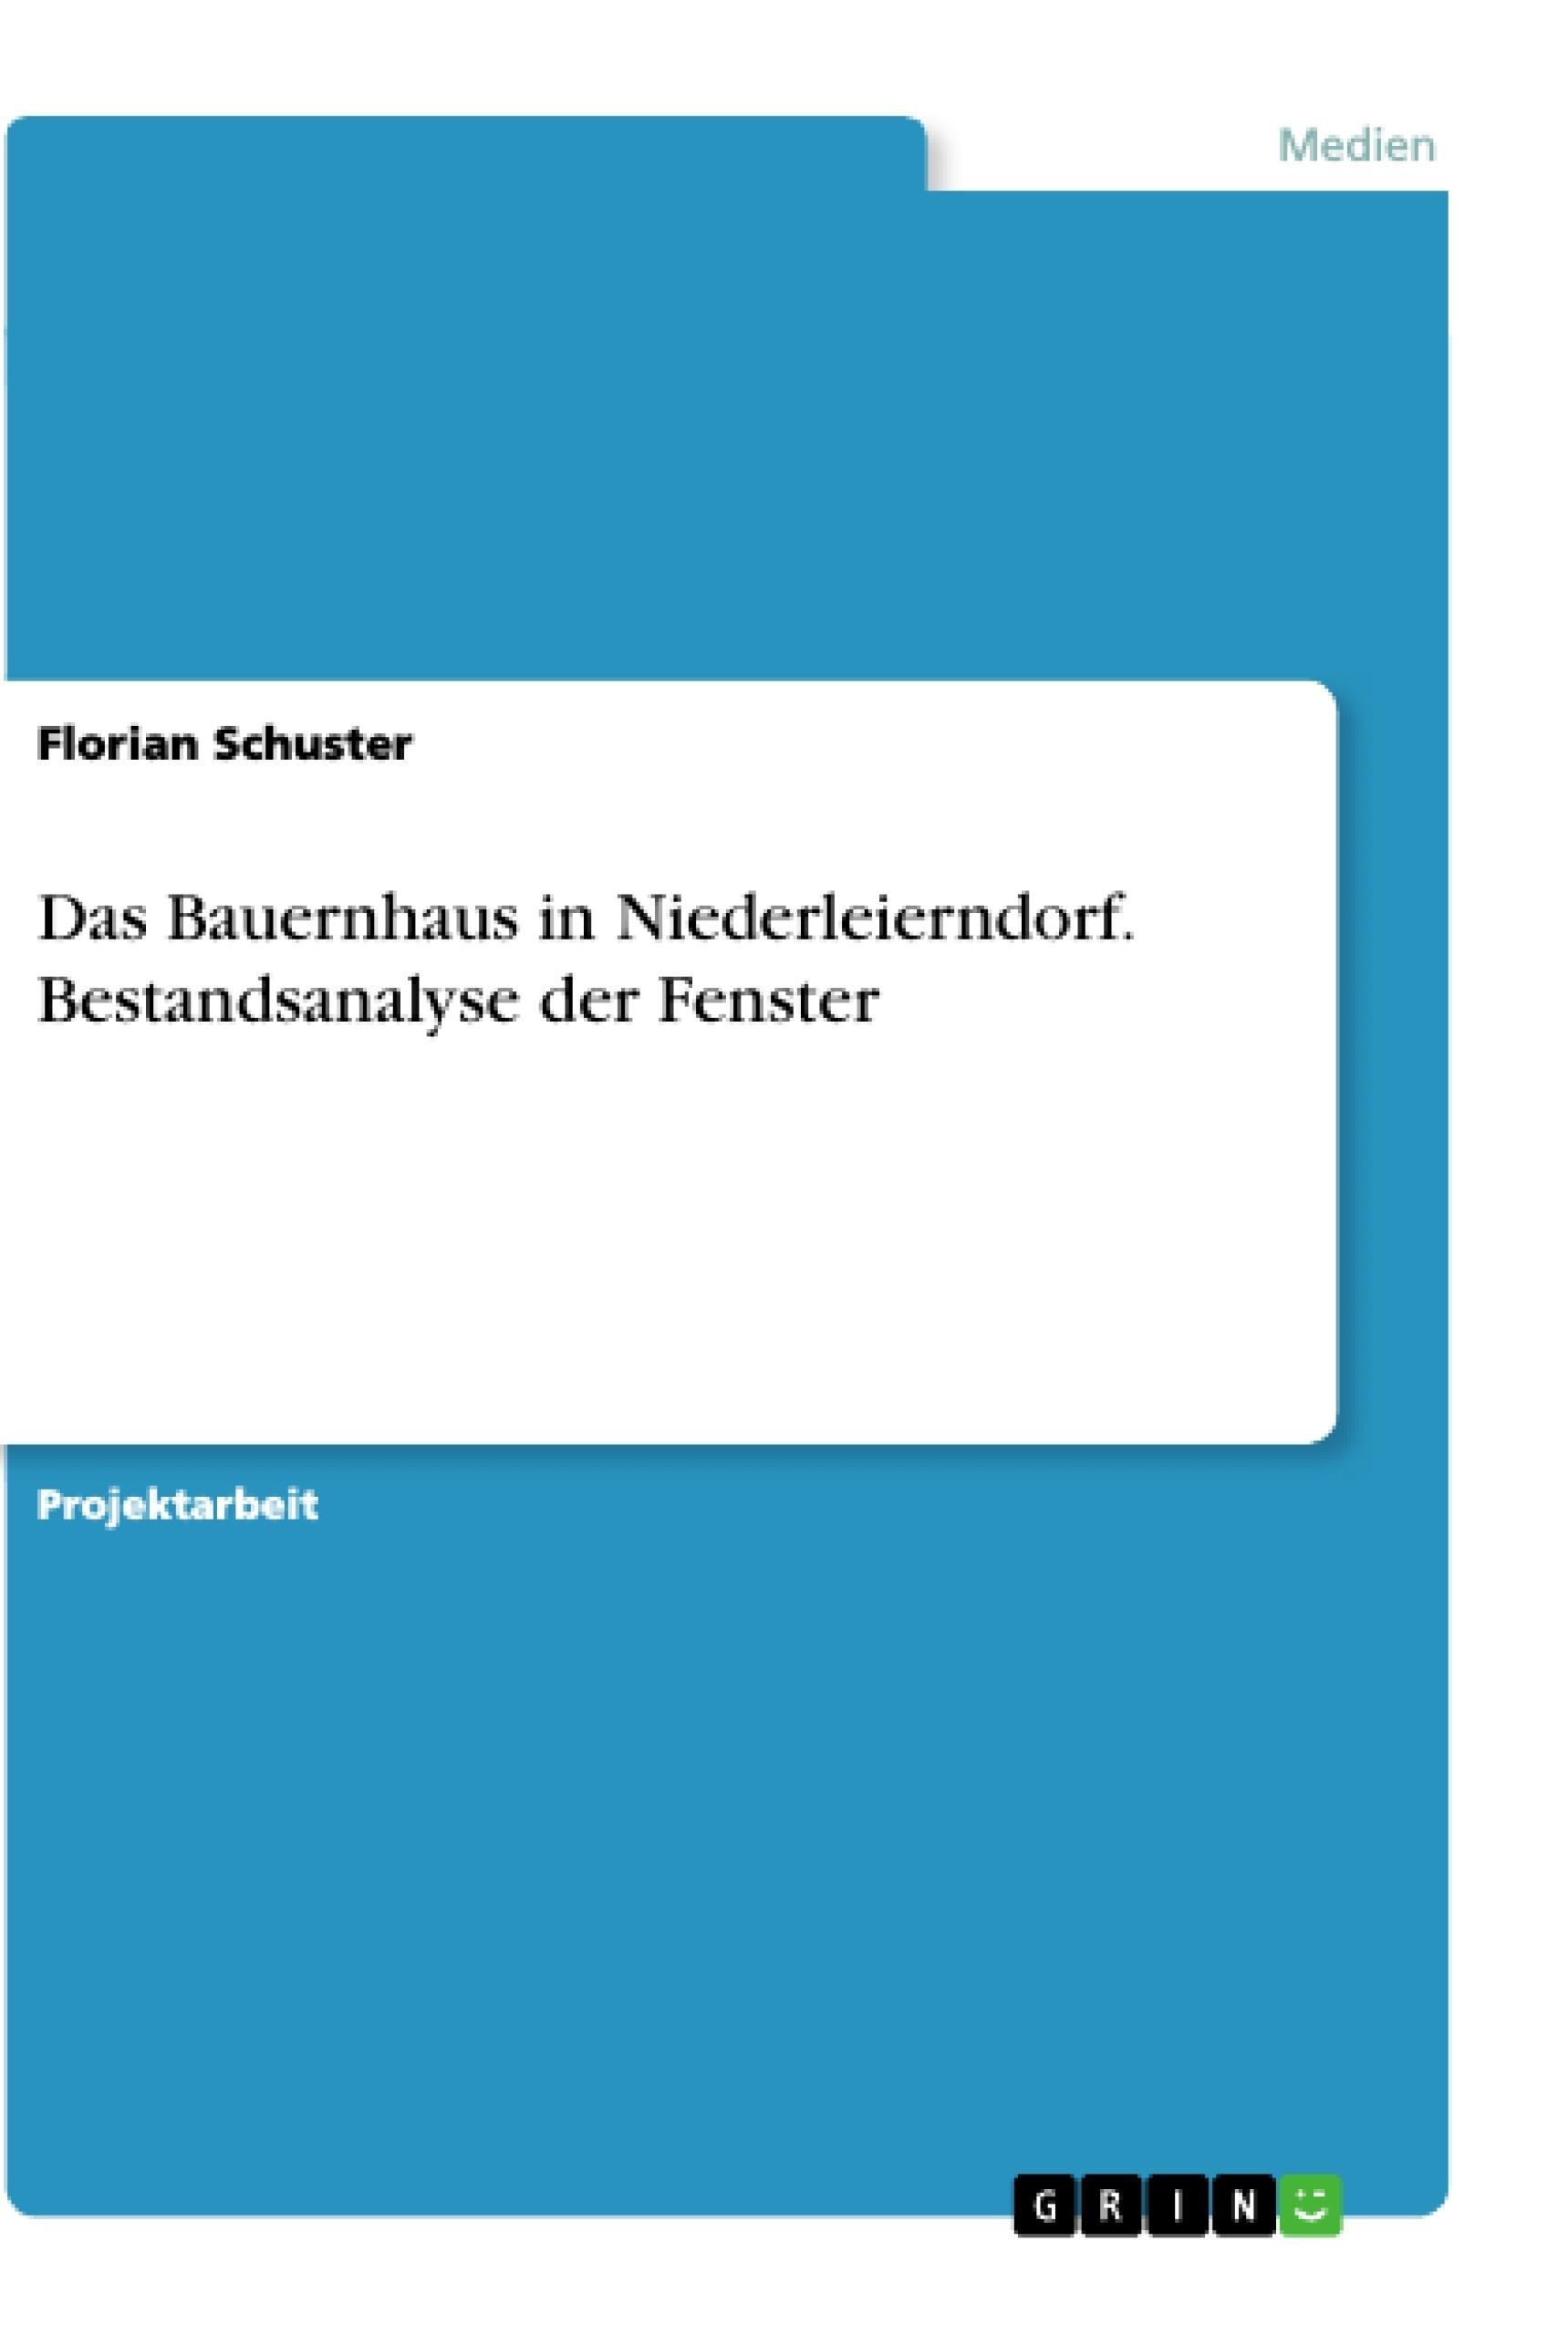 Titel: Das Bauernhaus in Niederleierndorf. Bestandsanalyse der Fenster